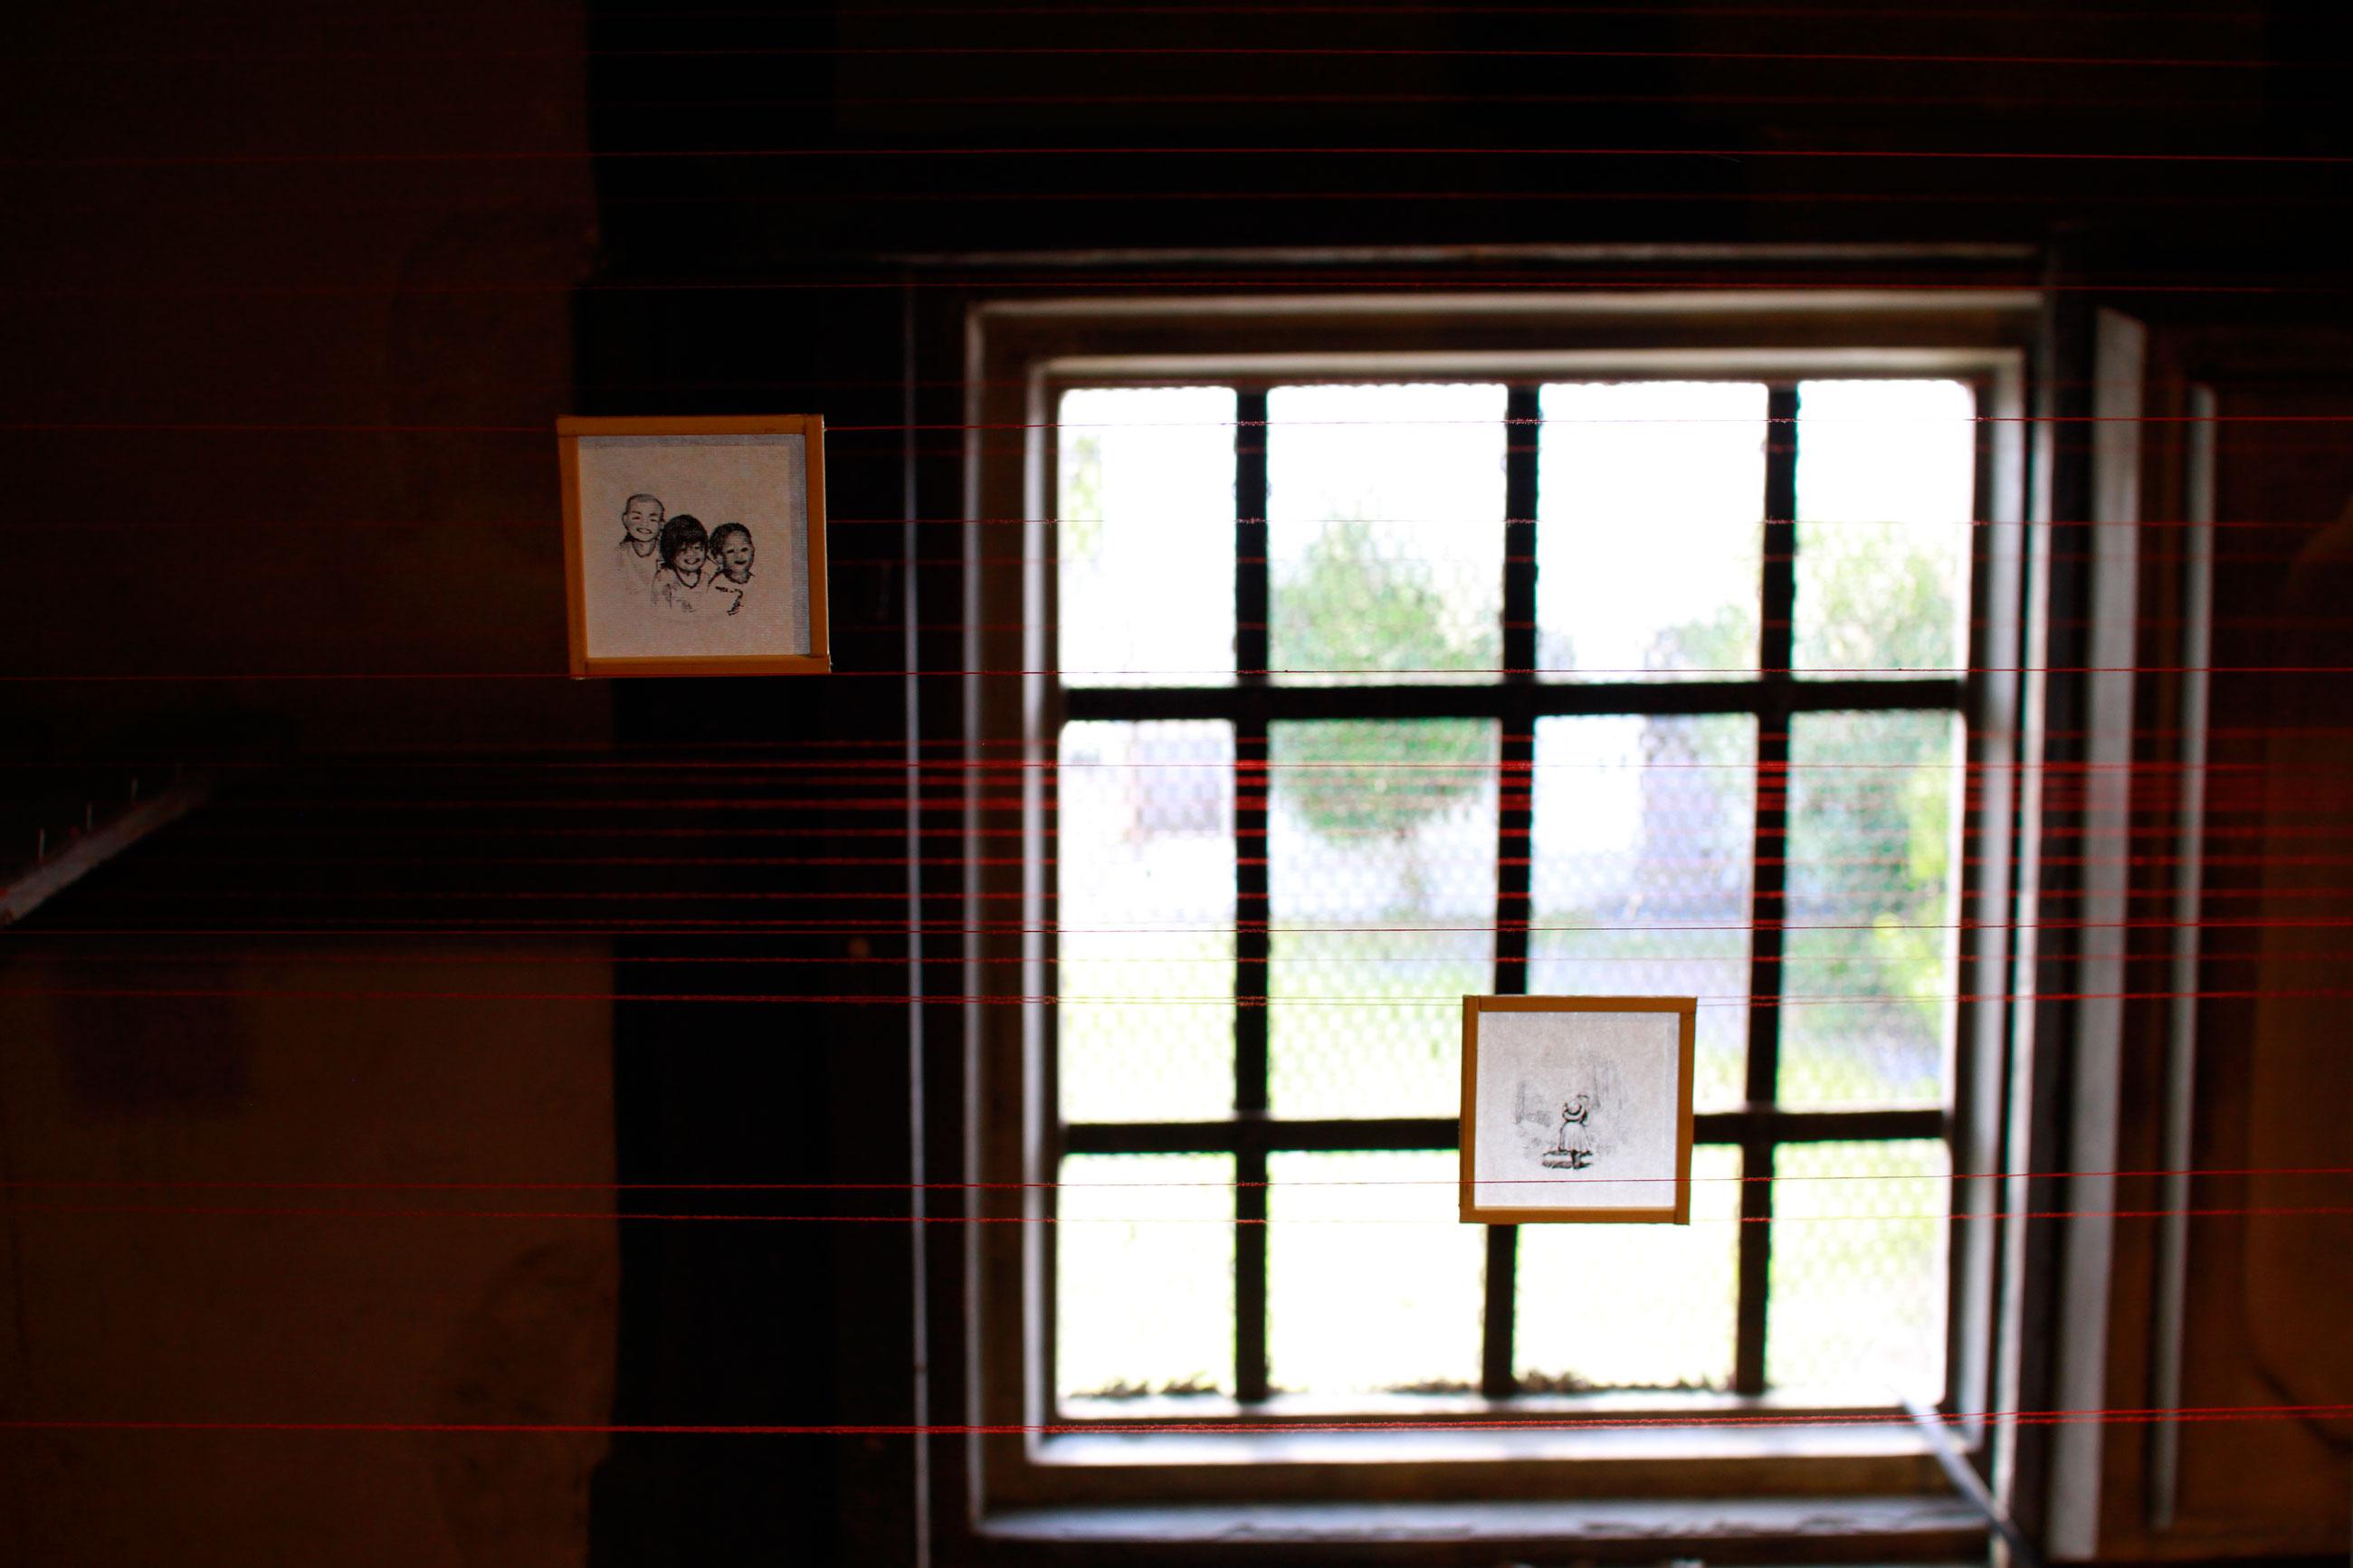 鬼石夏祭りに参加したアーティスト。2016年鬼石の展示会。Shiro Oni Studio art Exhibition 2016